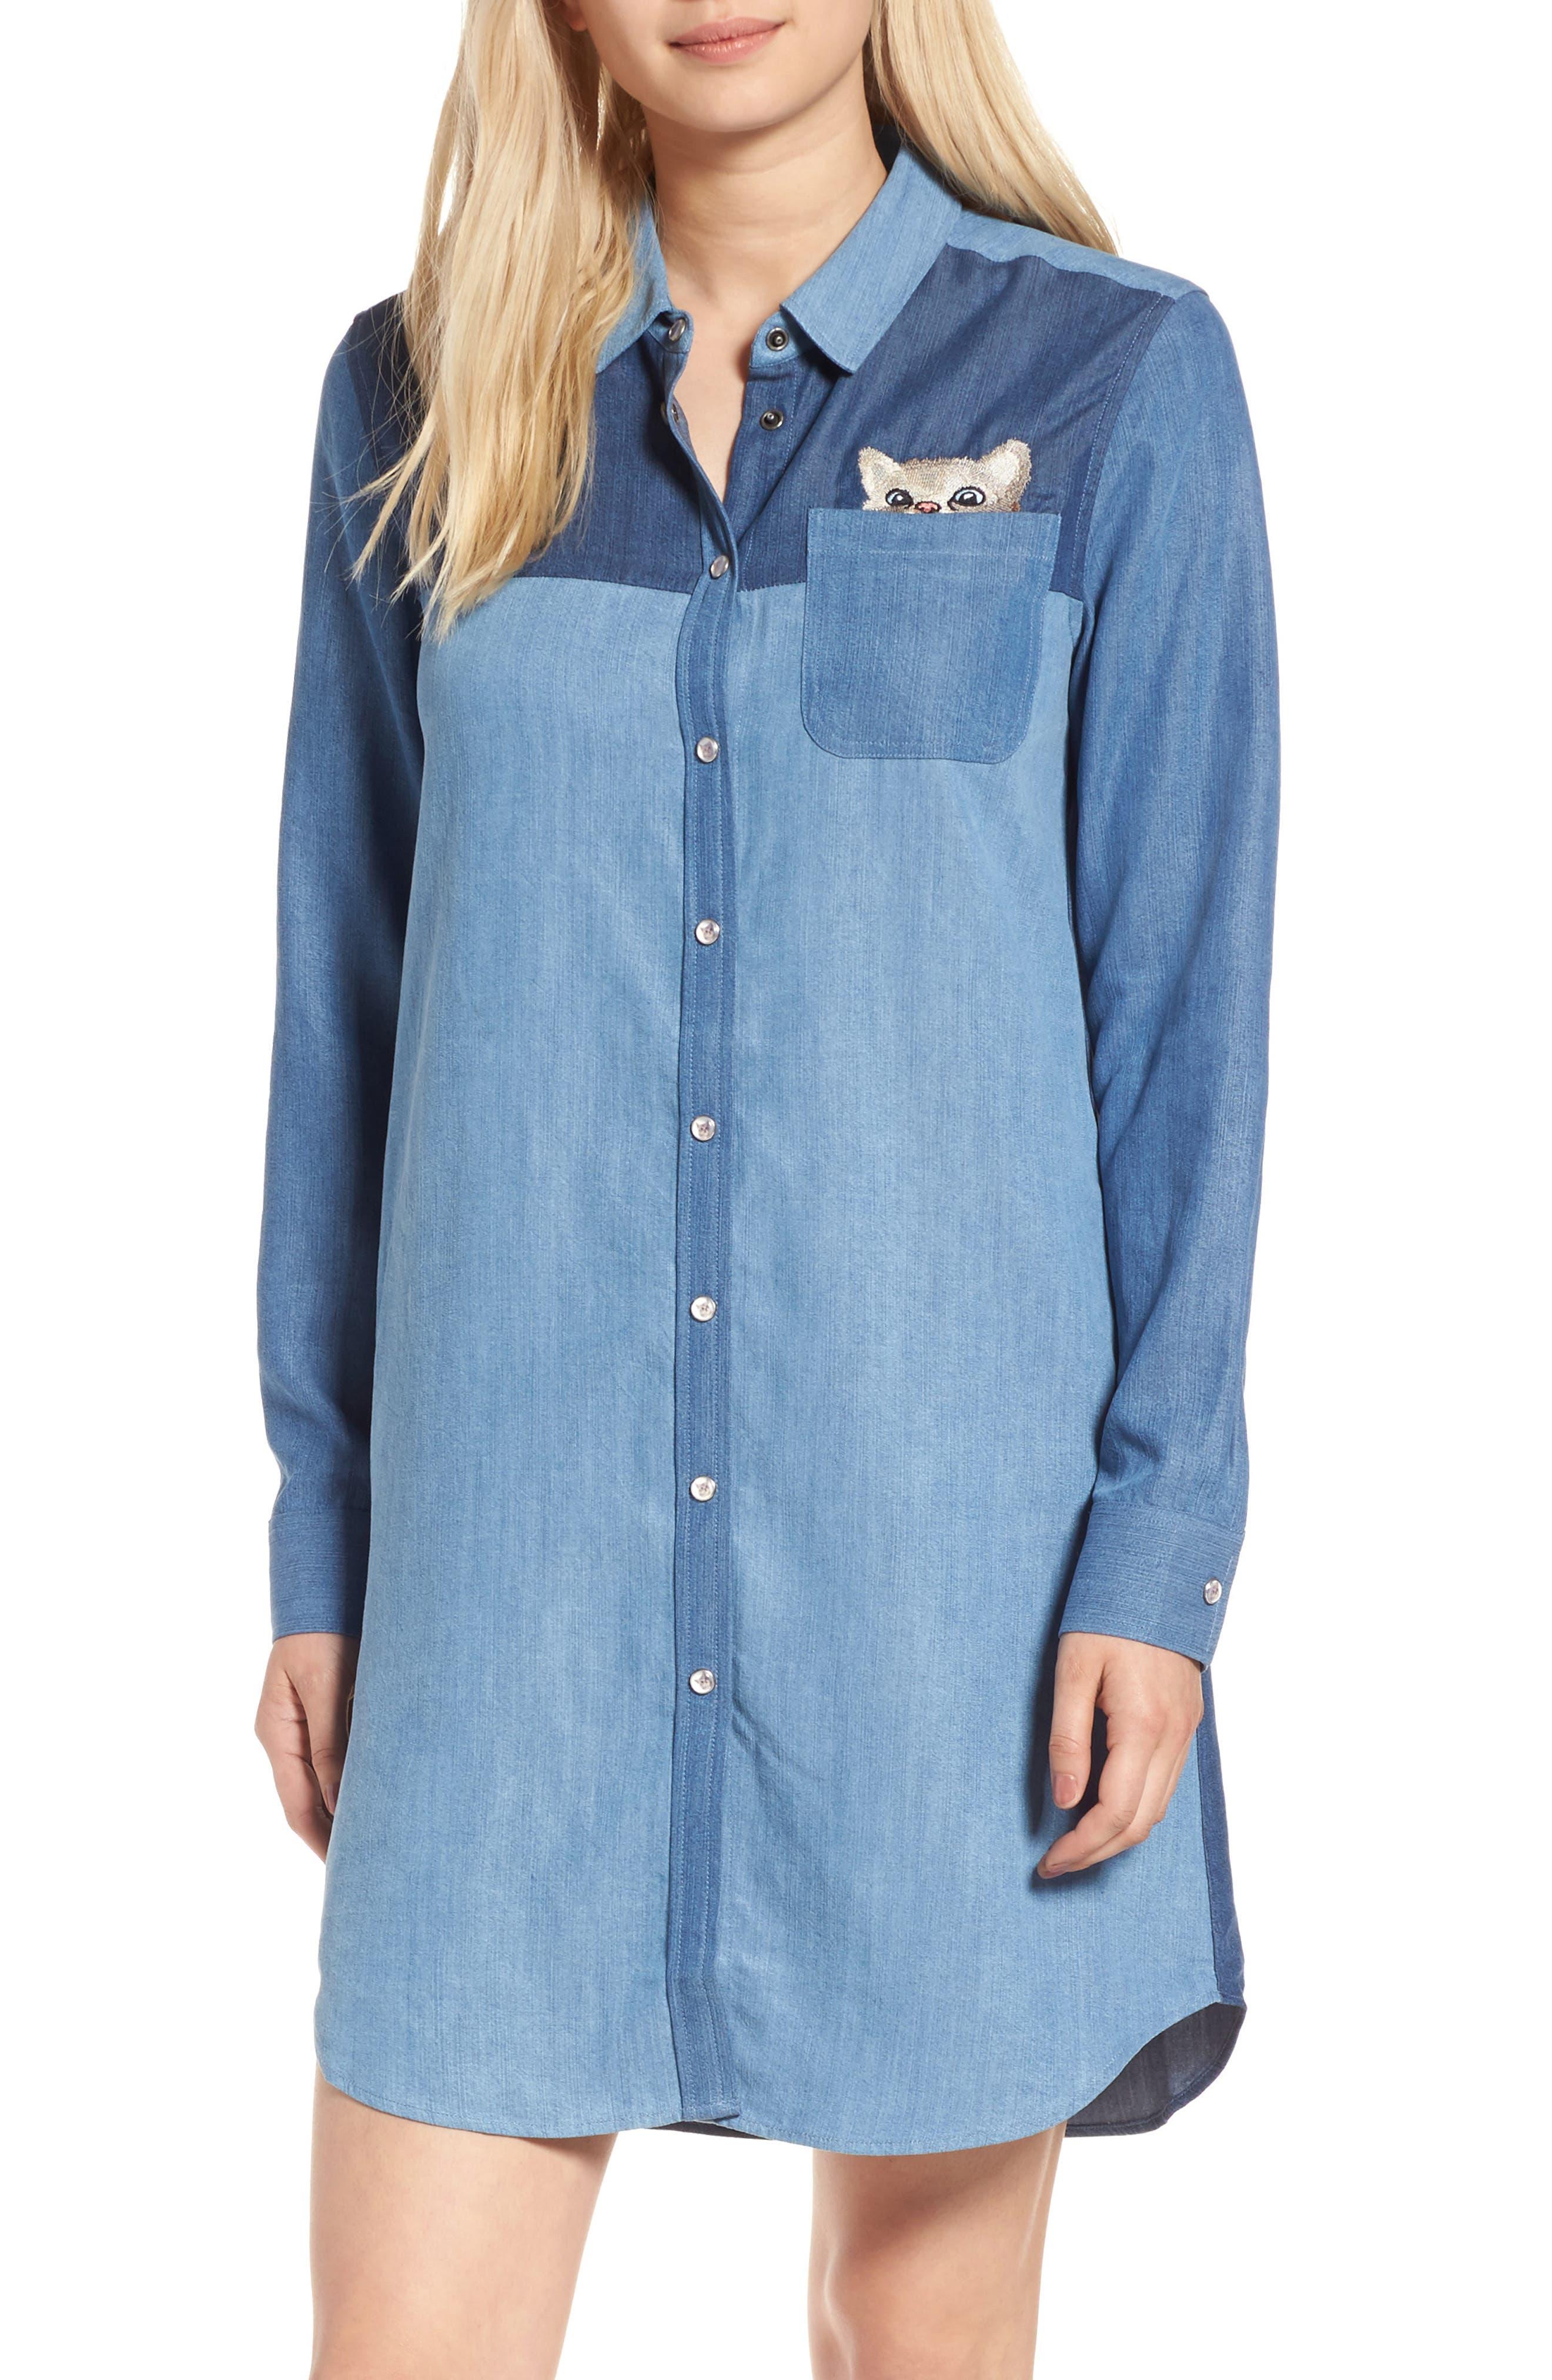 Kitty Chambray Shirtdress,                         Main,                         color, 482